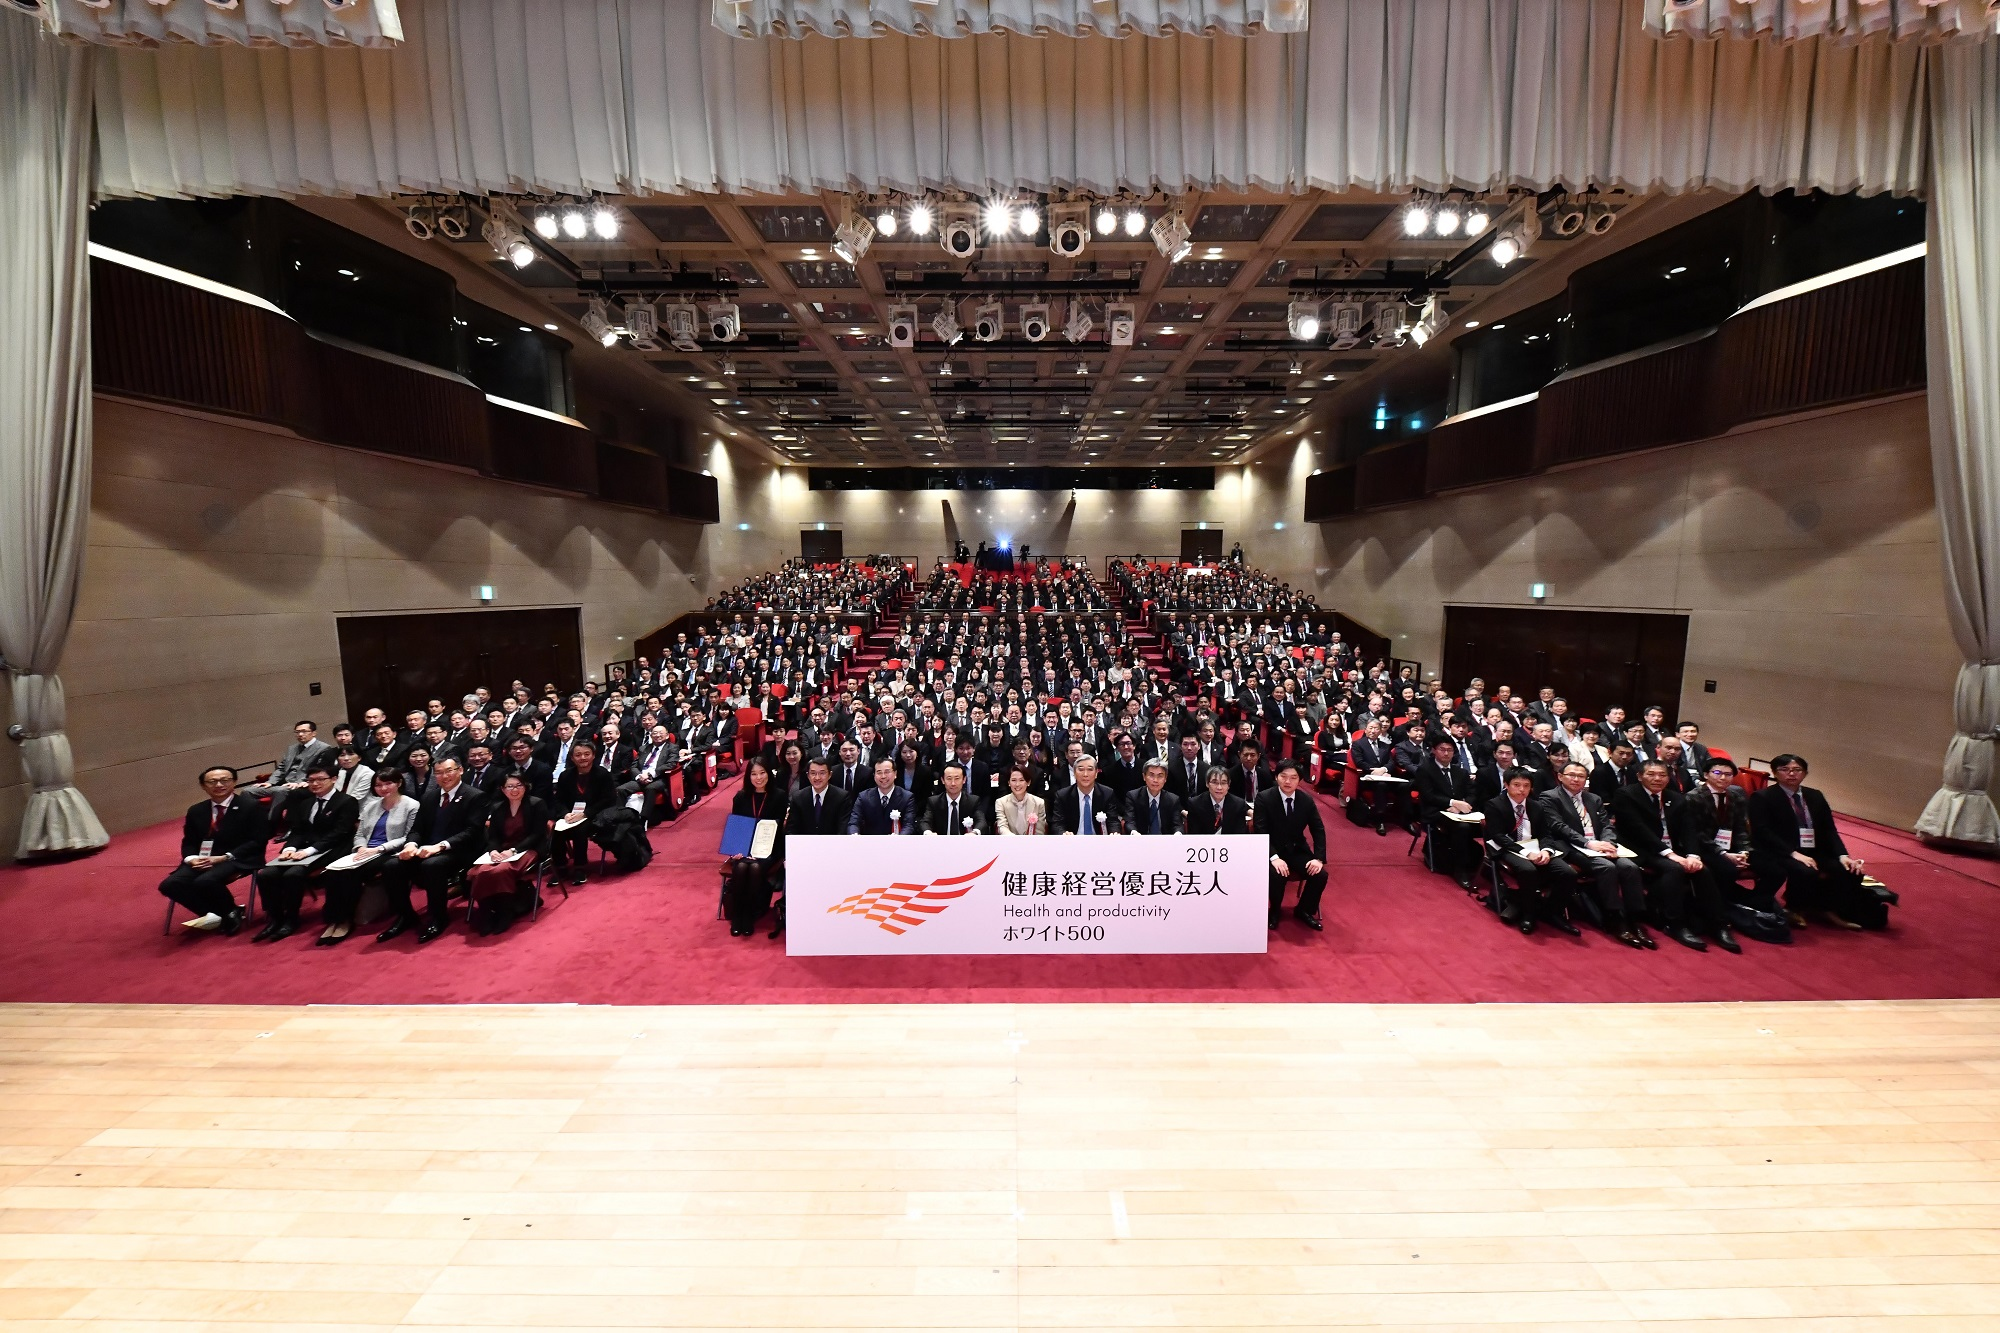 健康経営優良法人2018発表会